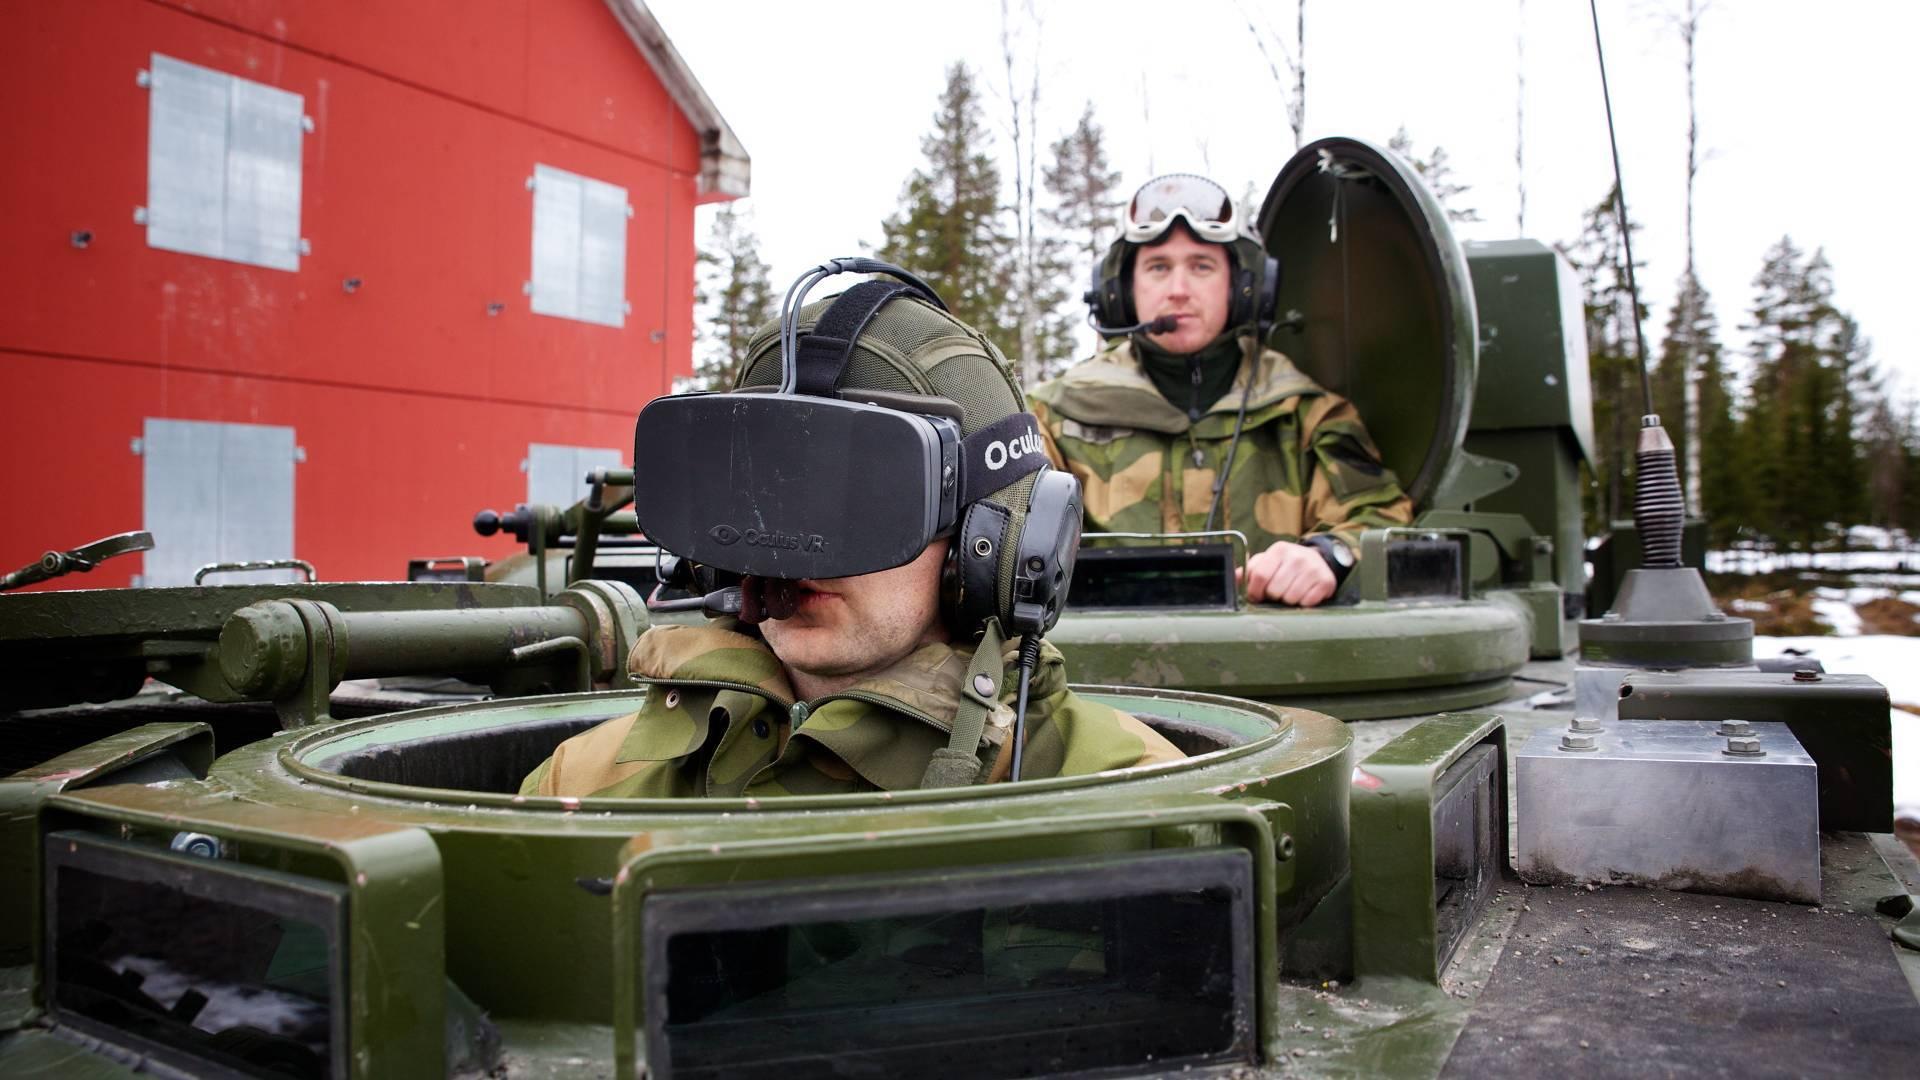 В норвежской армии пробуют управлять бронированным транспортом при помощи Oculus Rift